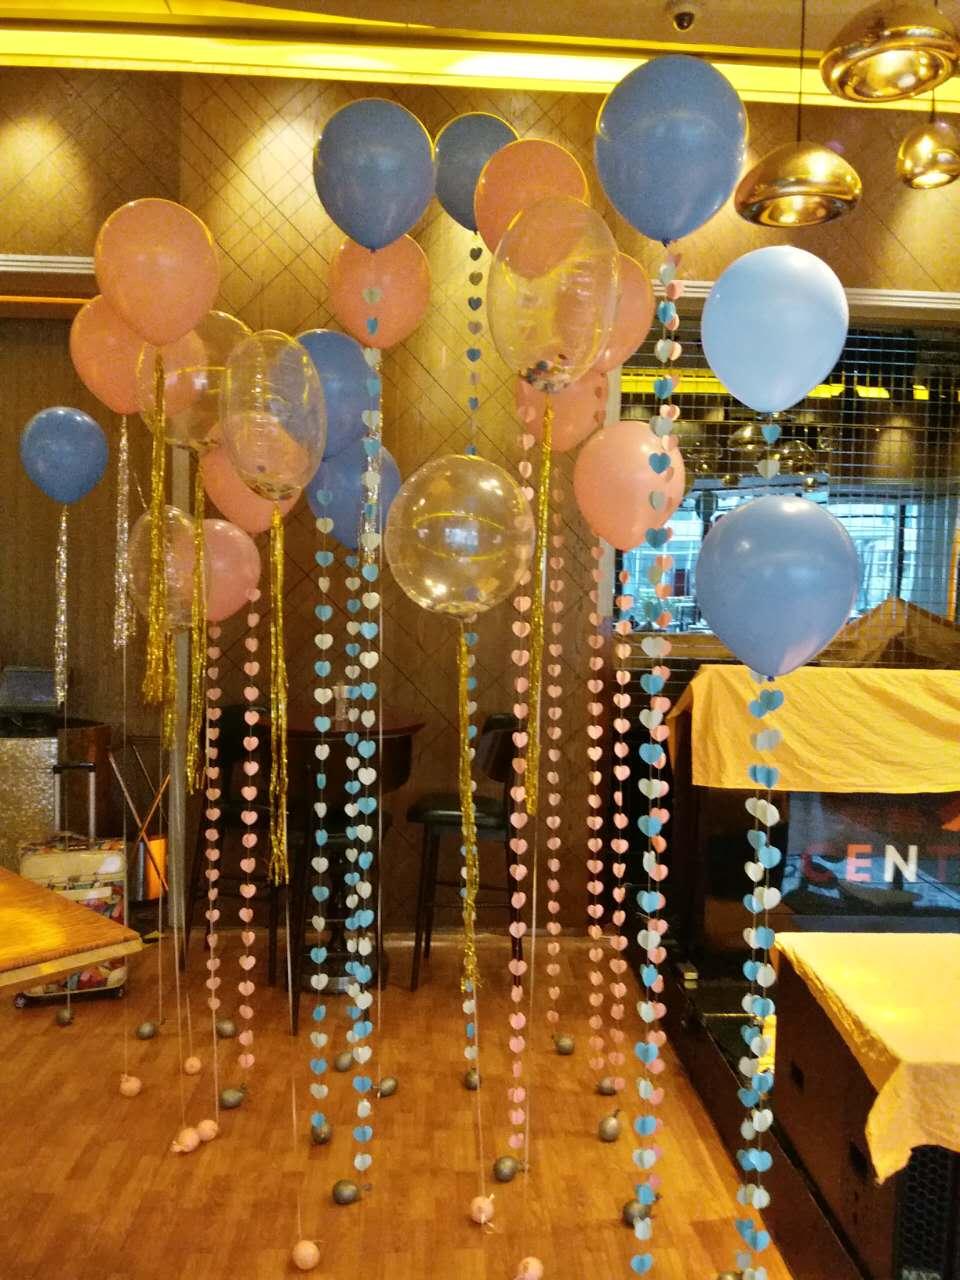 北京婚礼气球布置,婚房气球装饰,批发进口氦气球,气球造型制作